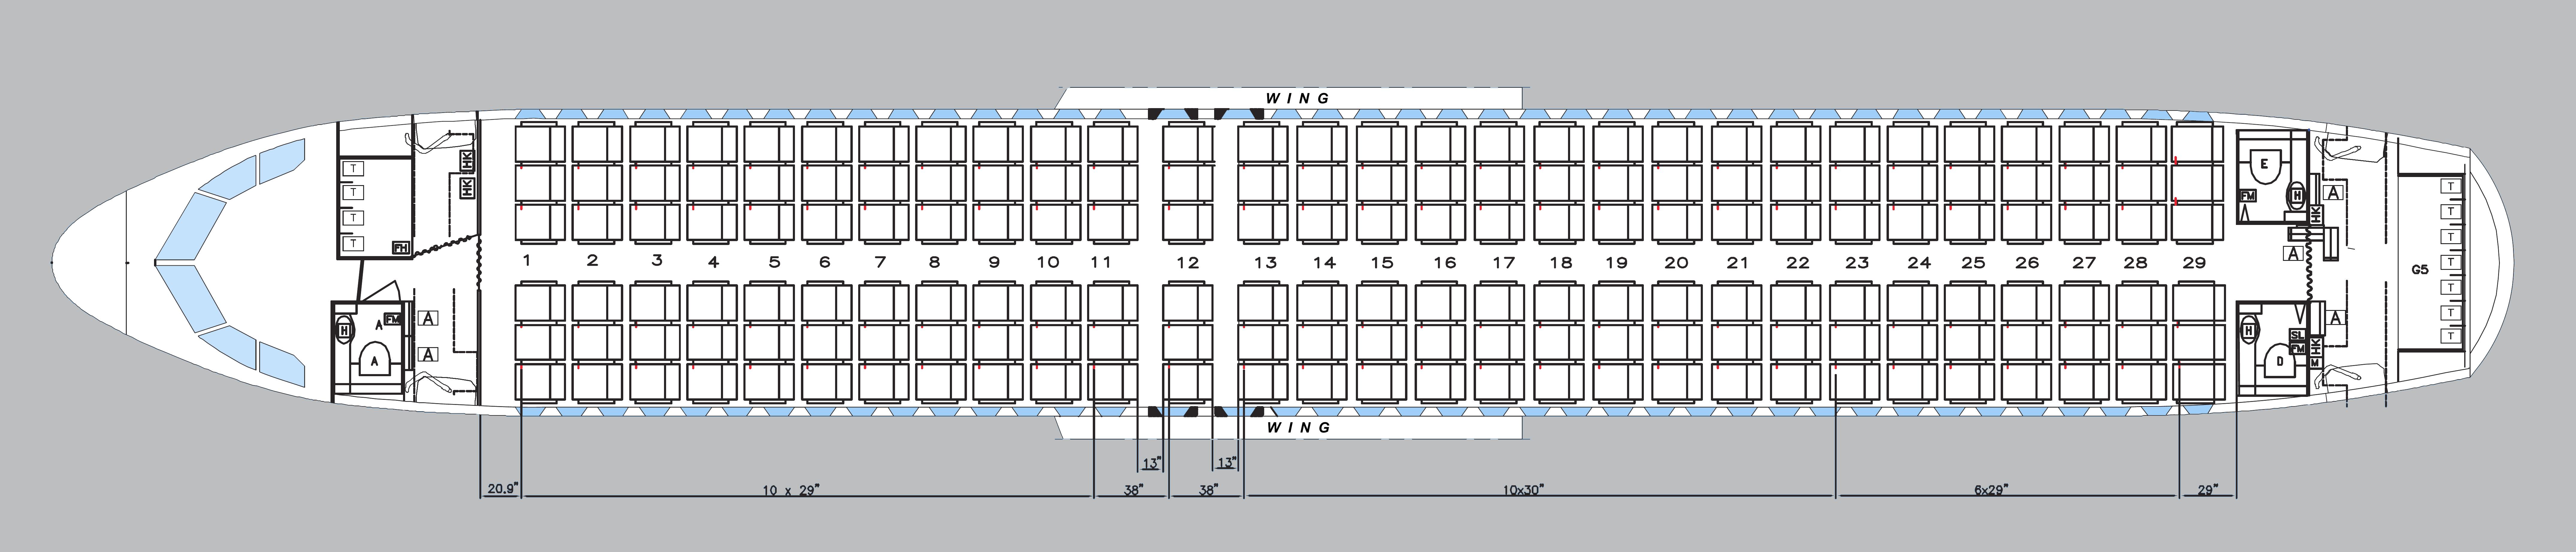 A320 cabin configuration